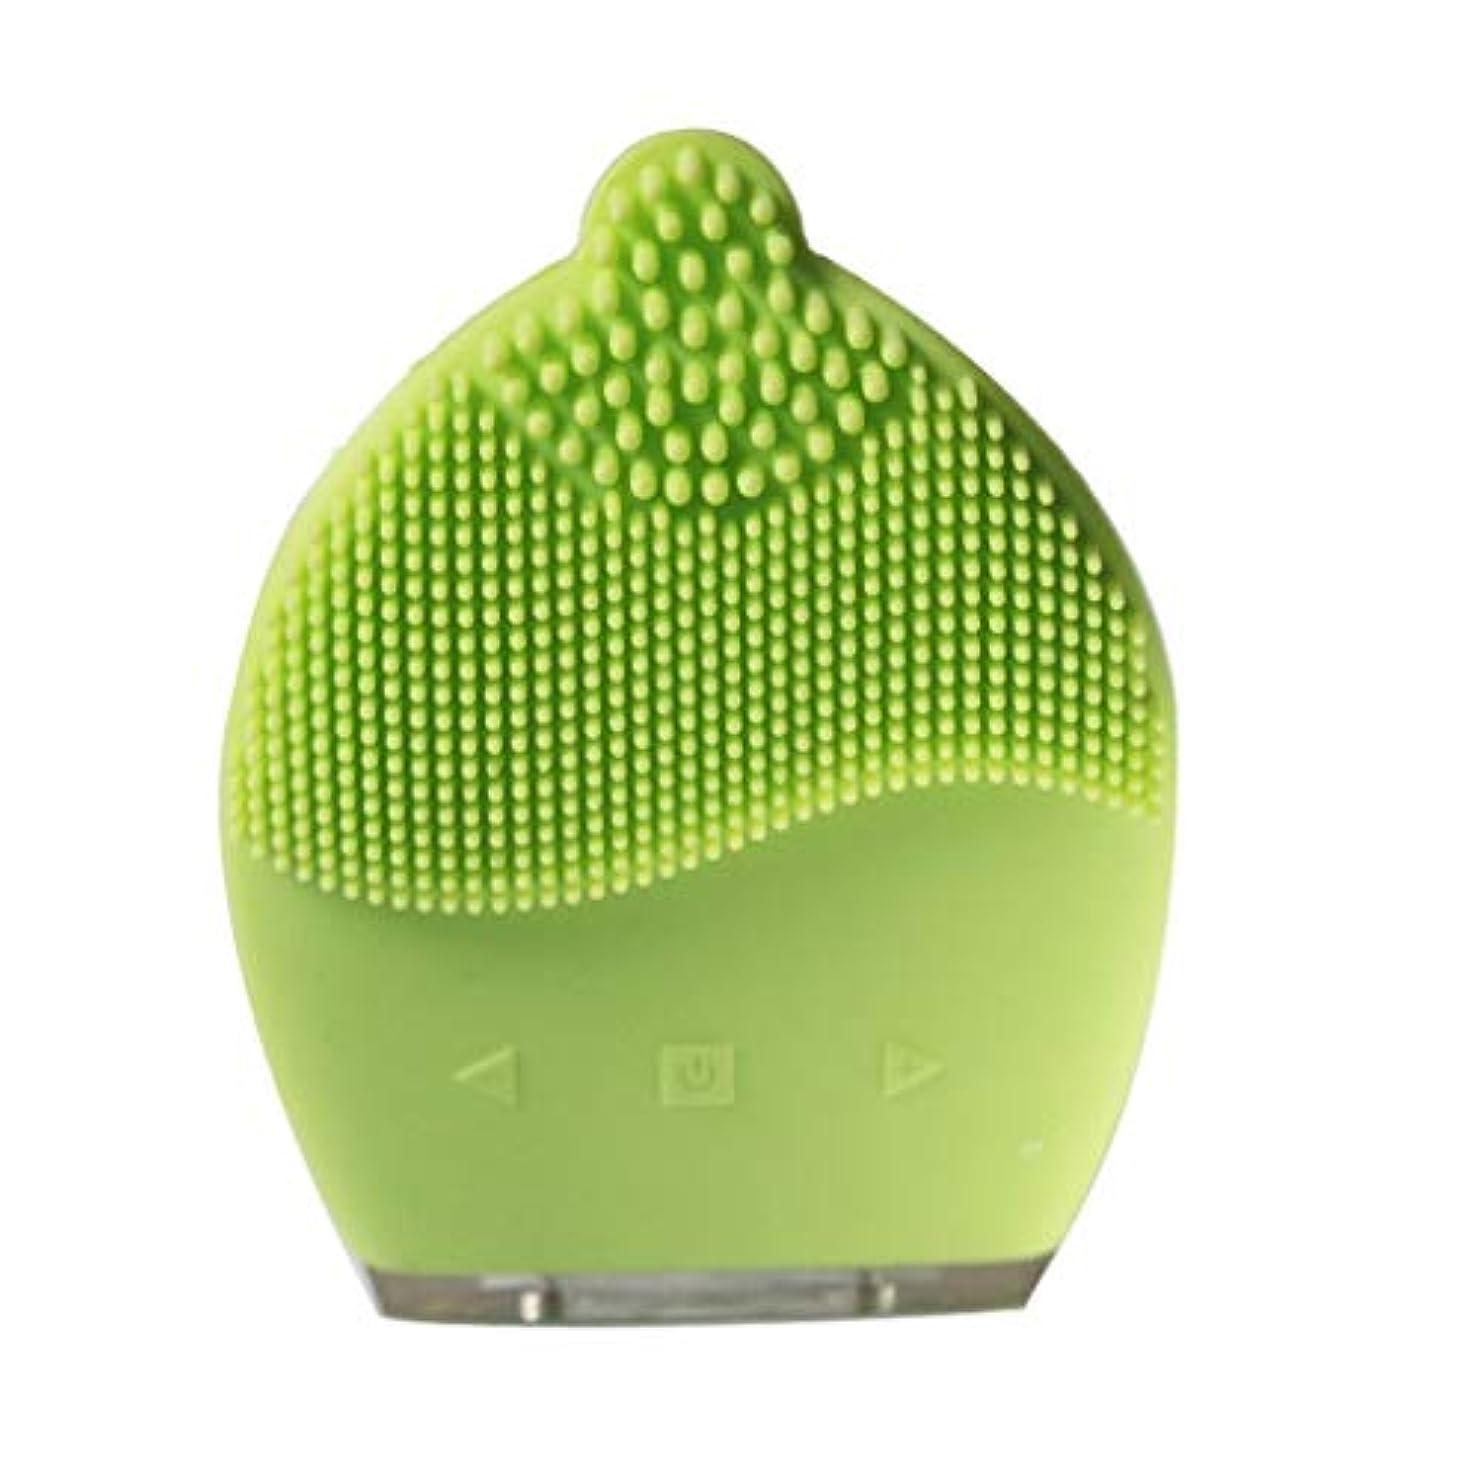 もつれ健康アベニュー電気シリコーンクレンジング器具、USBフェイシャルシリコーンポータブルフェイシャルマッサージャーディープエクスフォリエイティングジェントル&ディープクレンジングフェイシャル (Color : Green)